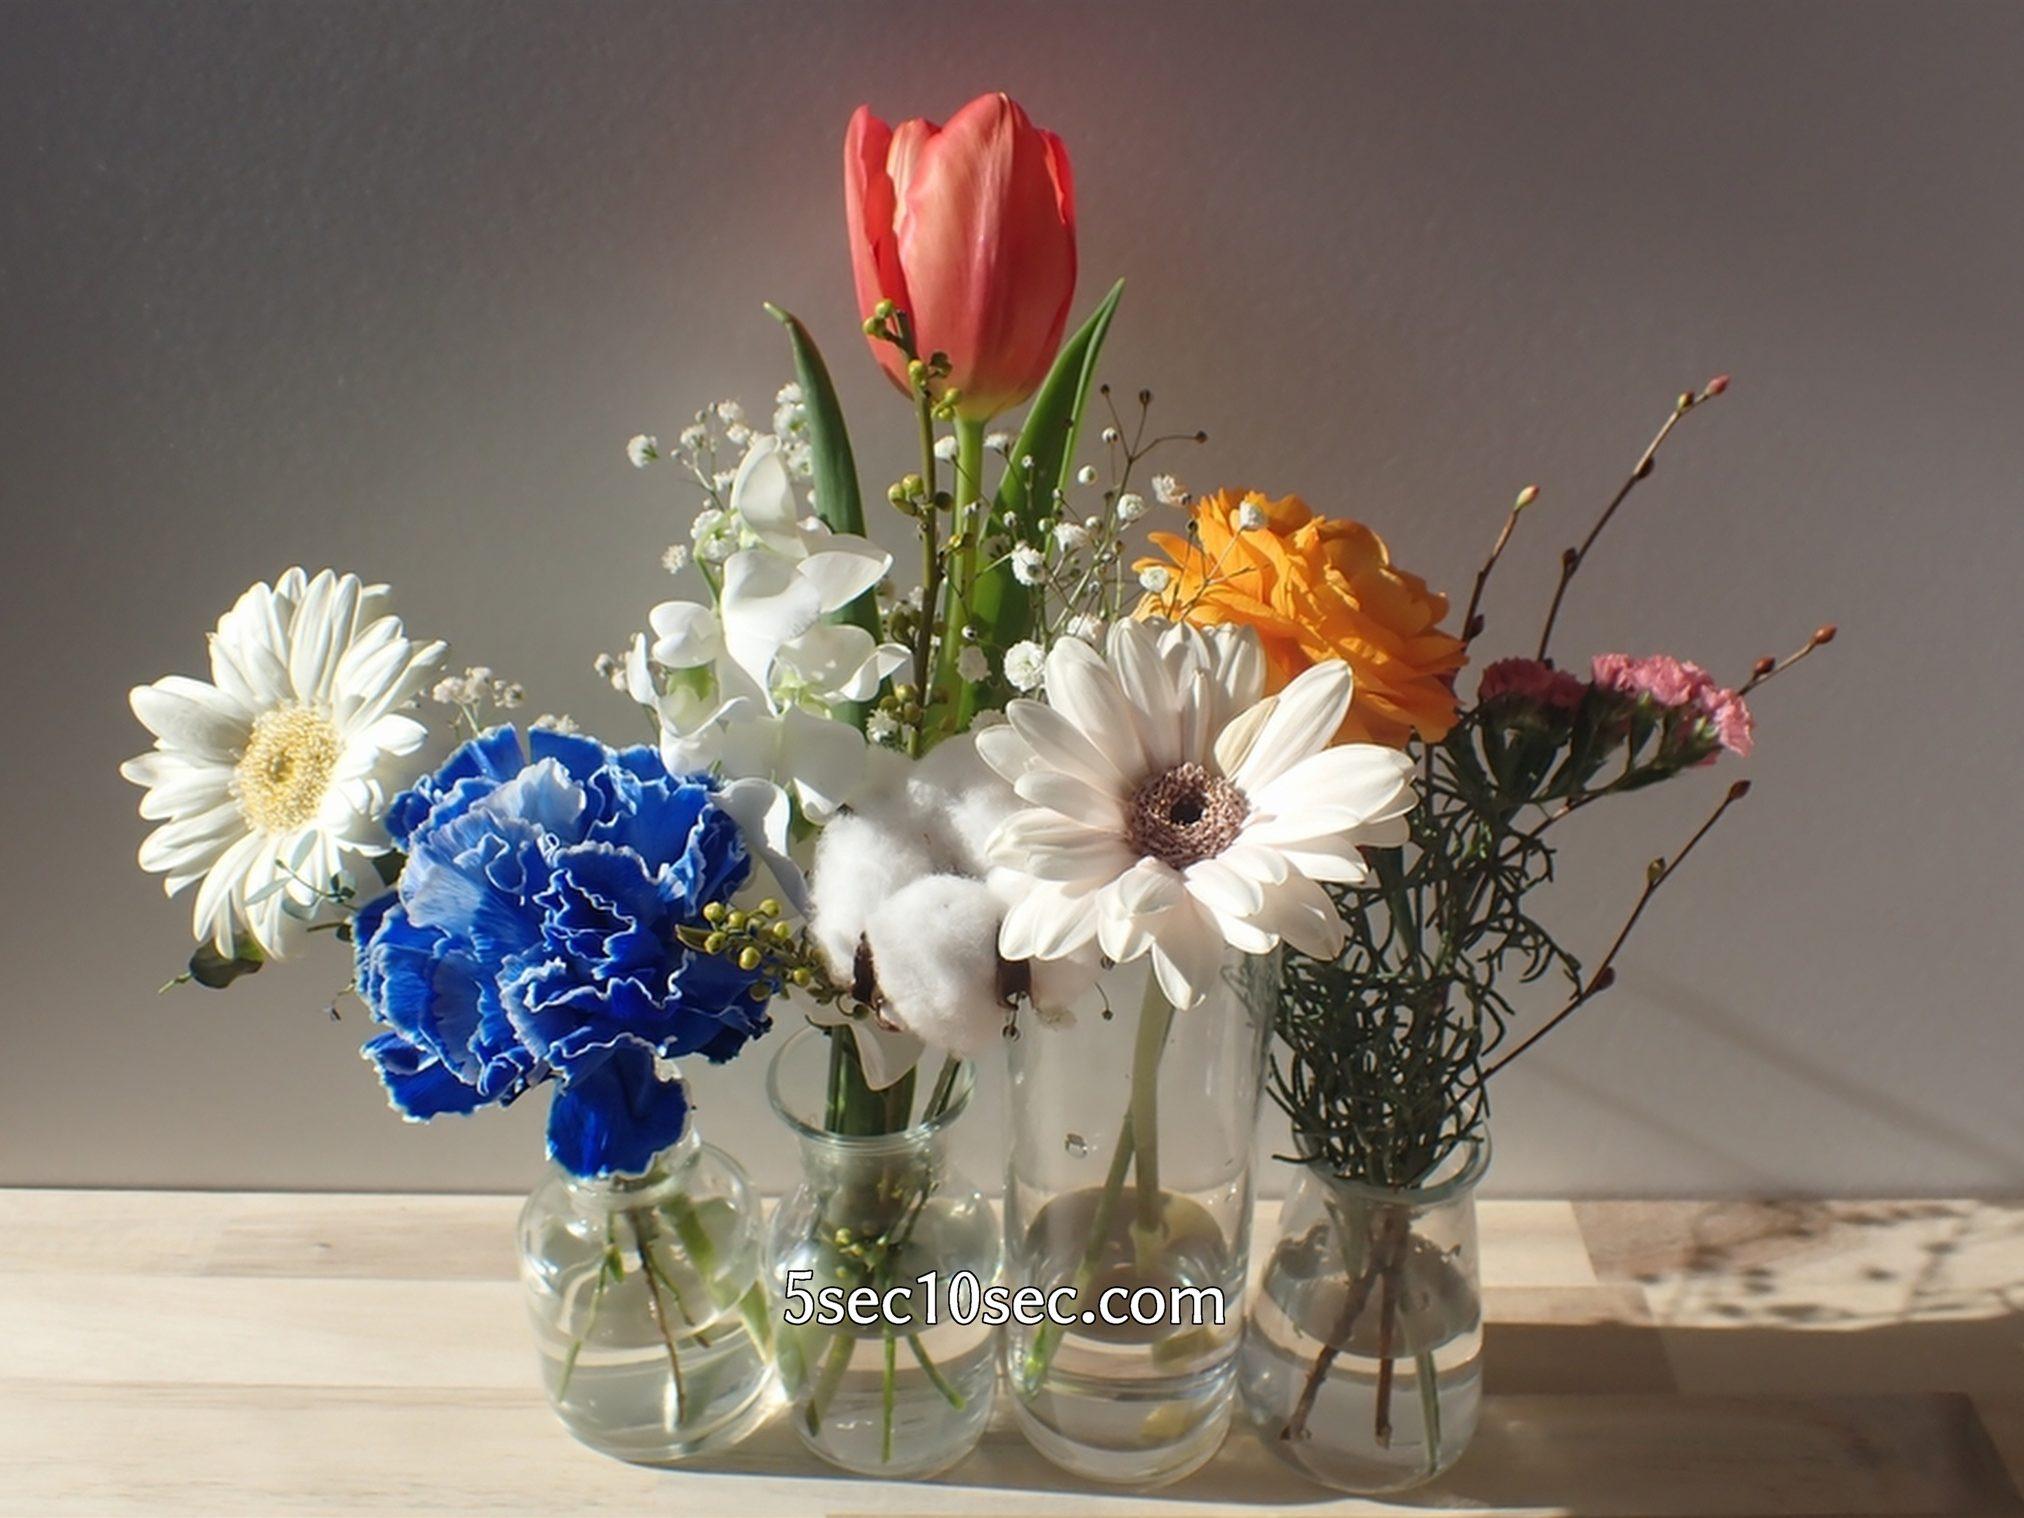 株式会社Crunch Style お花の定期便 Bloomee LIFE ブルーミーライフ 前回、前々回のお花と一緒に飾ってみた